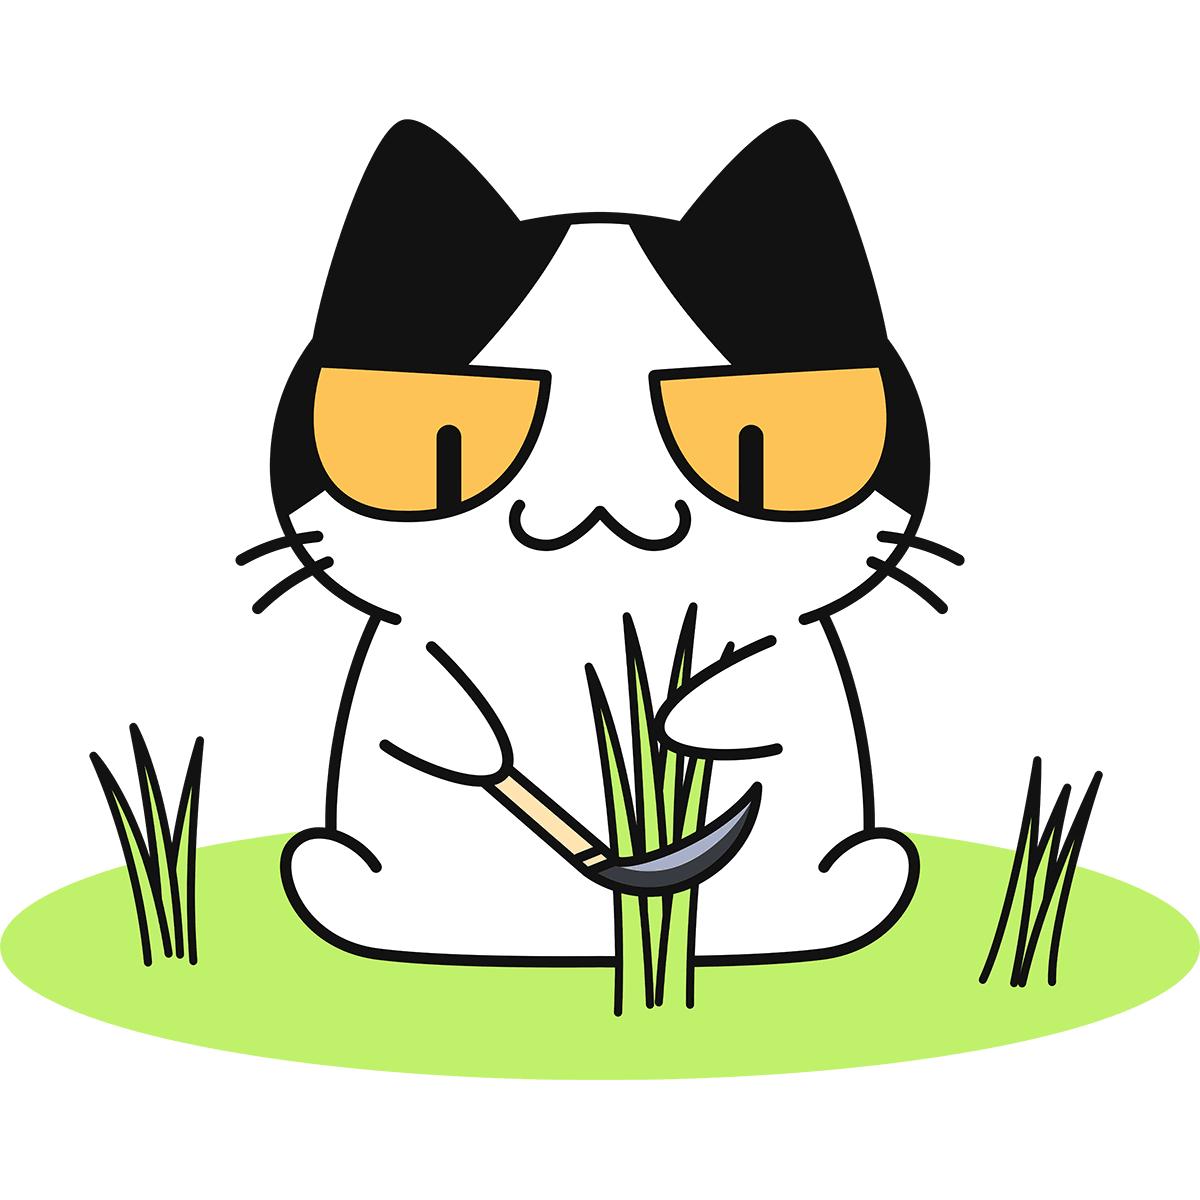 鎌で草を刈る猫の無料イラスト